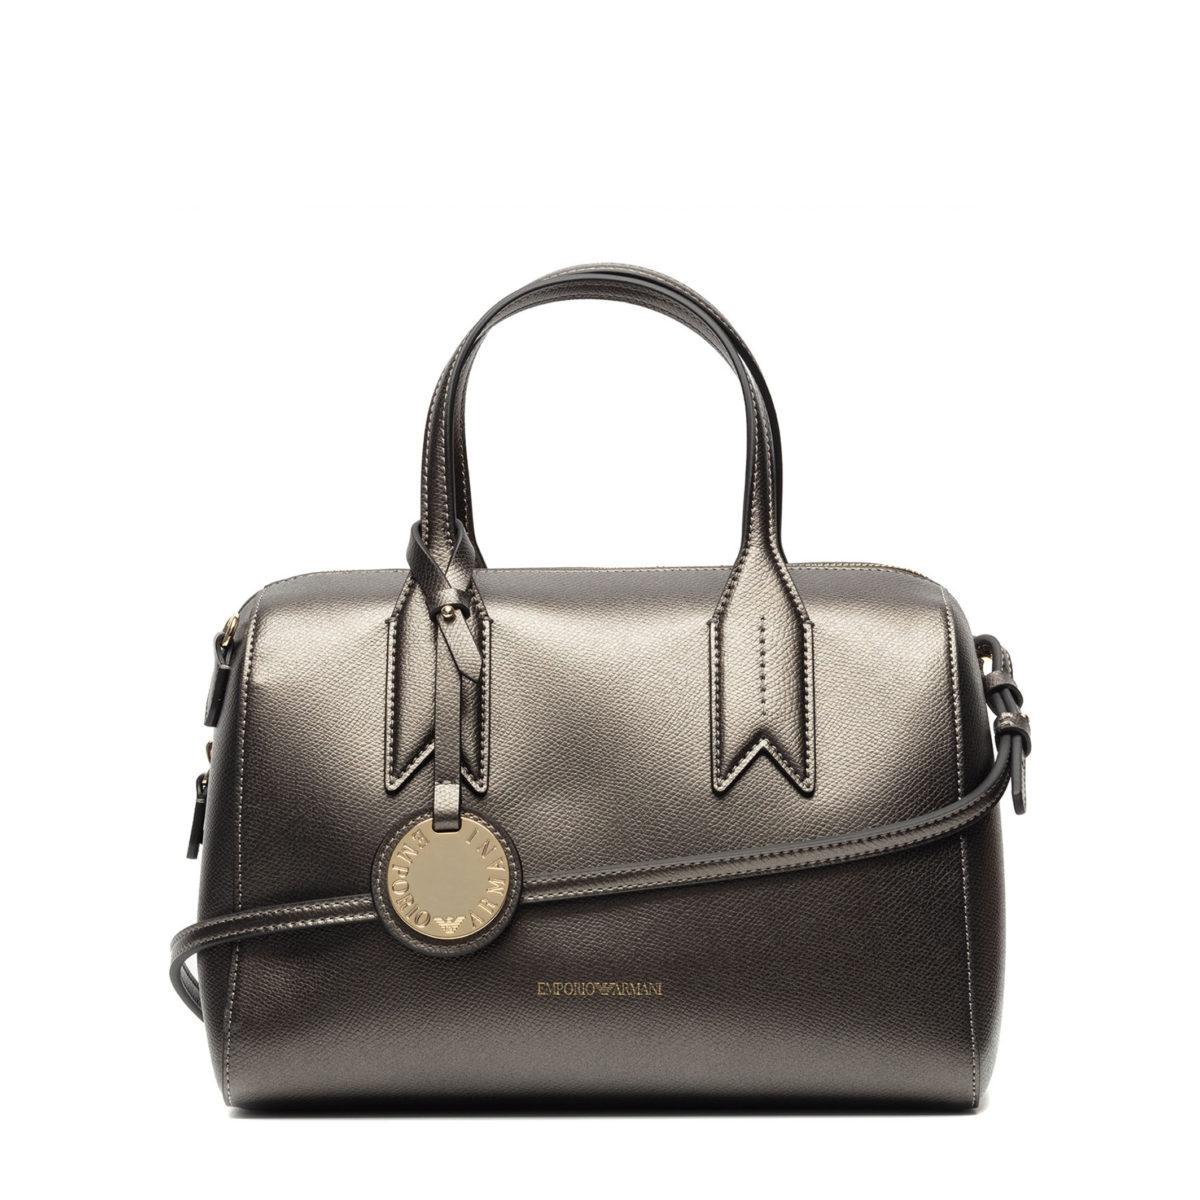 13a77f0da Emporio Armani - sac à main pour femme couleur gris   BUZZAO